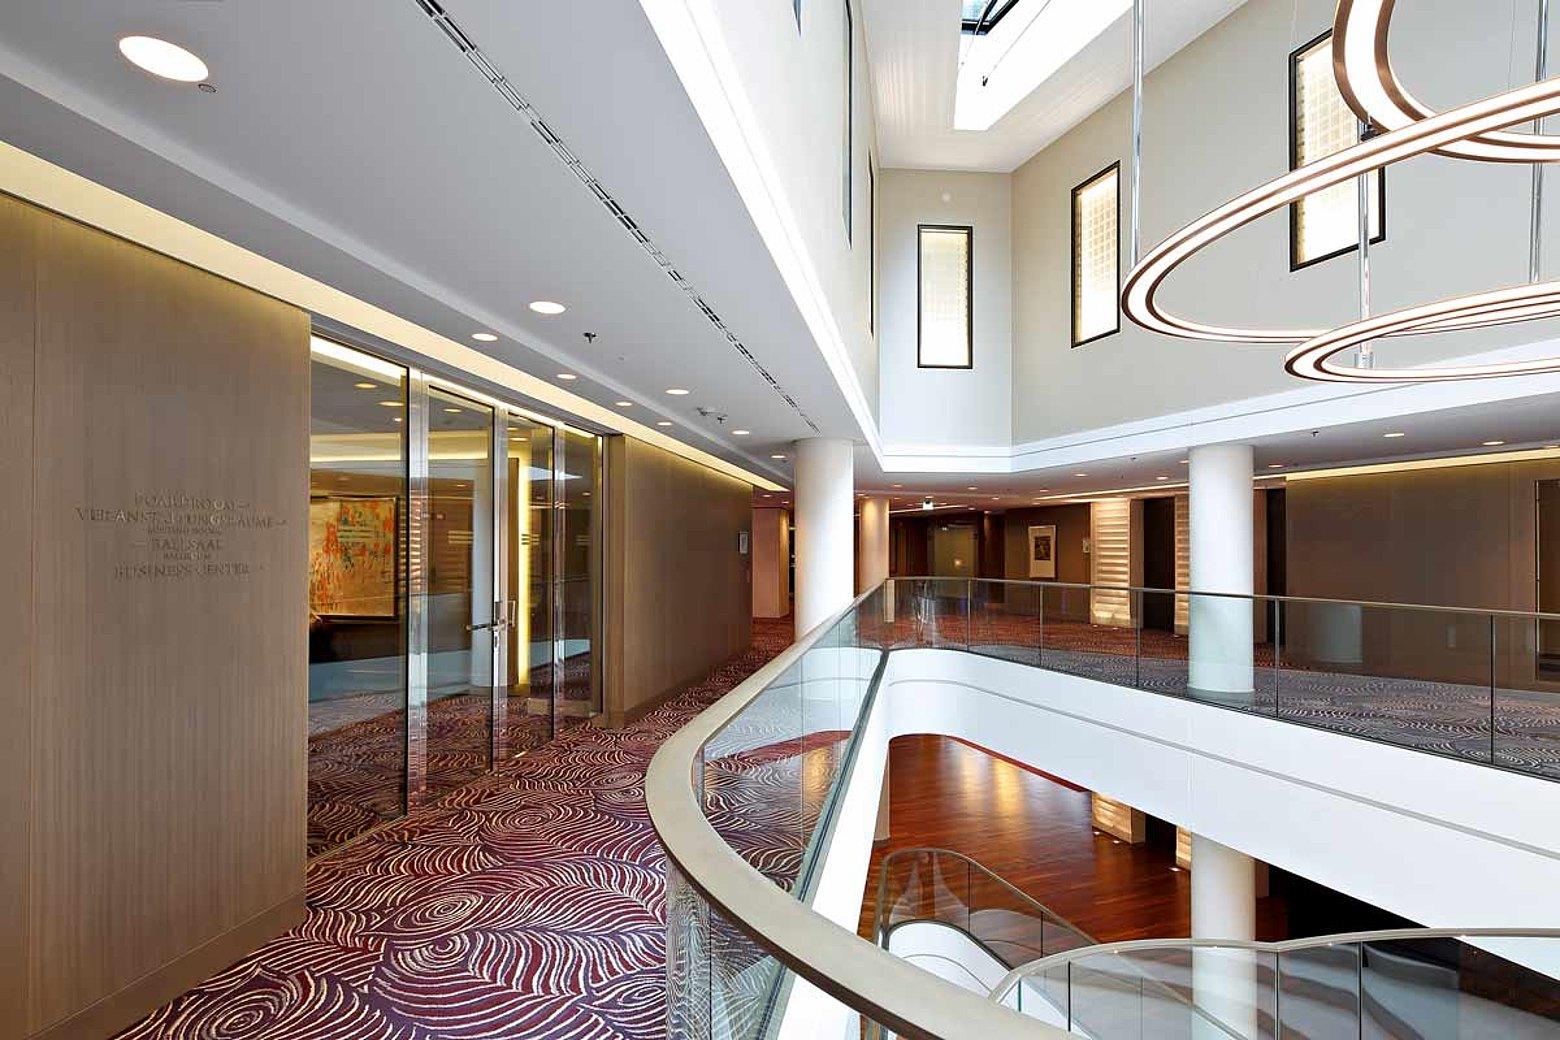 Verglaste Brandschutztüren EI30 mit Verglasung in Edelstahl. Konstruiert sind die Türen mit Stahlprofilen aus dem System forster fuego light. Hotel Waldorf Astoria, Berlin